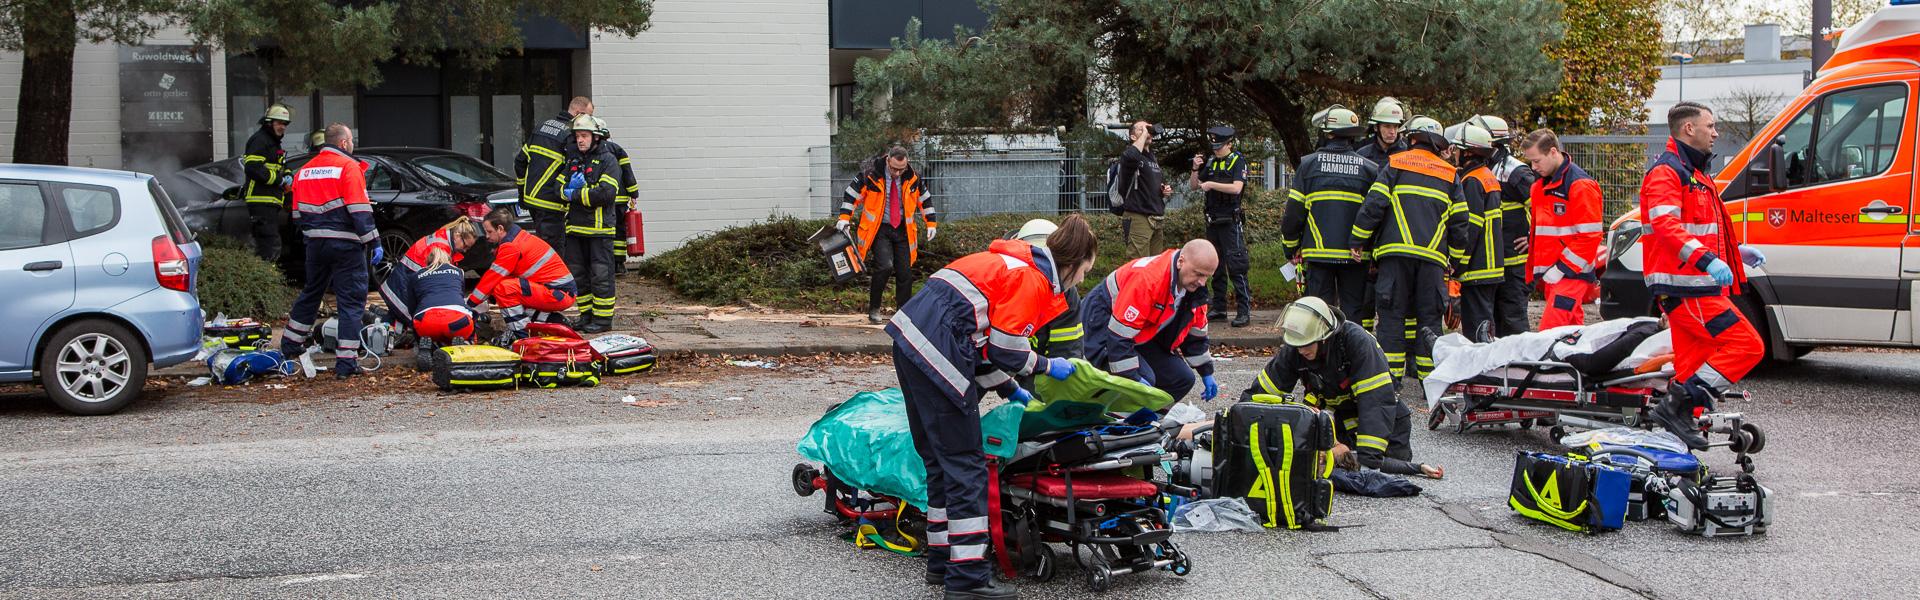 03.11.2019 – Mercedes kracht gegen Hauswand